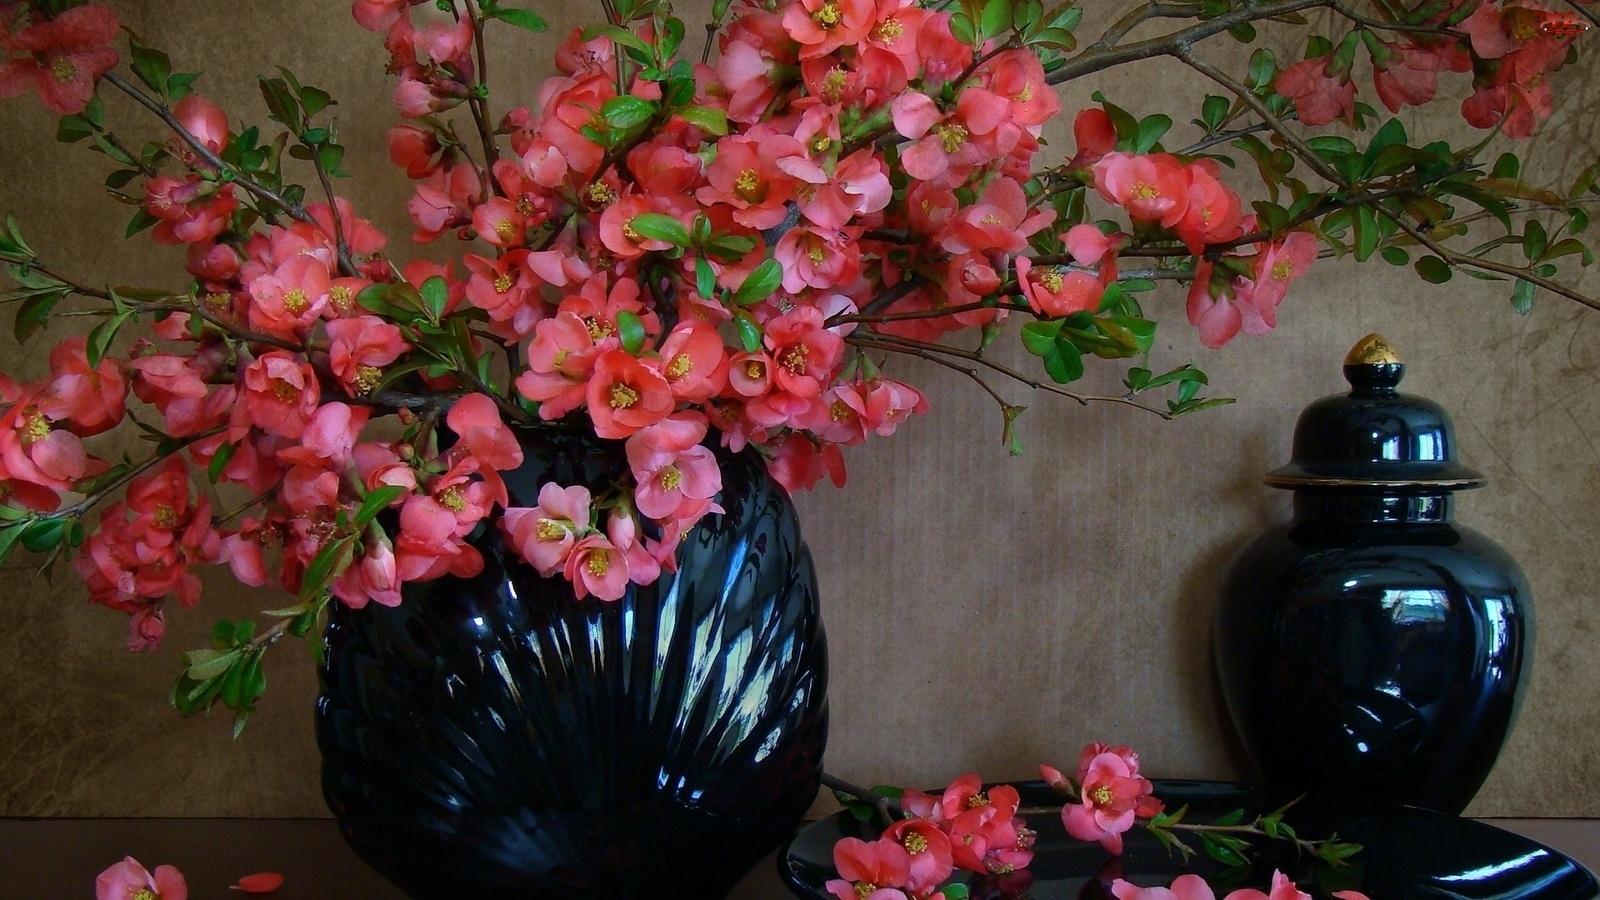 Ceramika, Bukiet, Kwiatów, Różowych, Gałązki